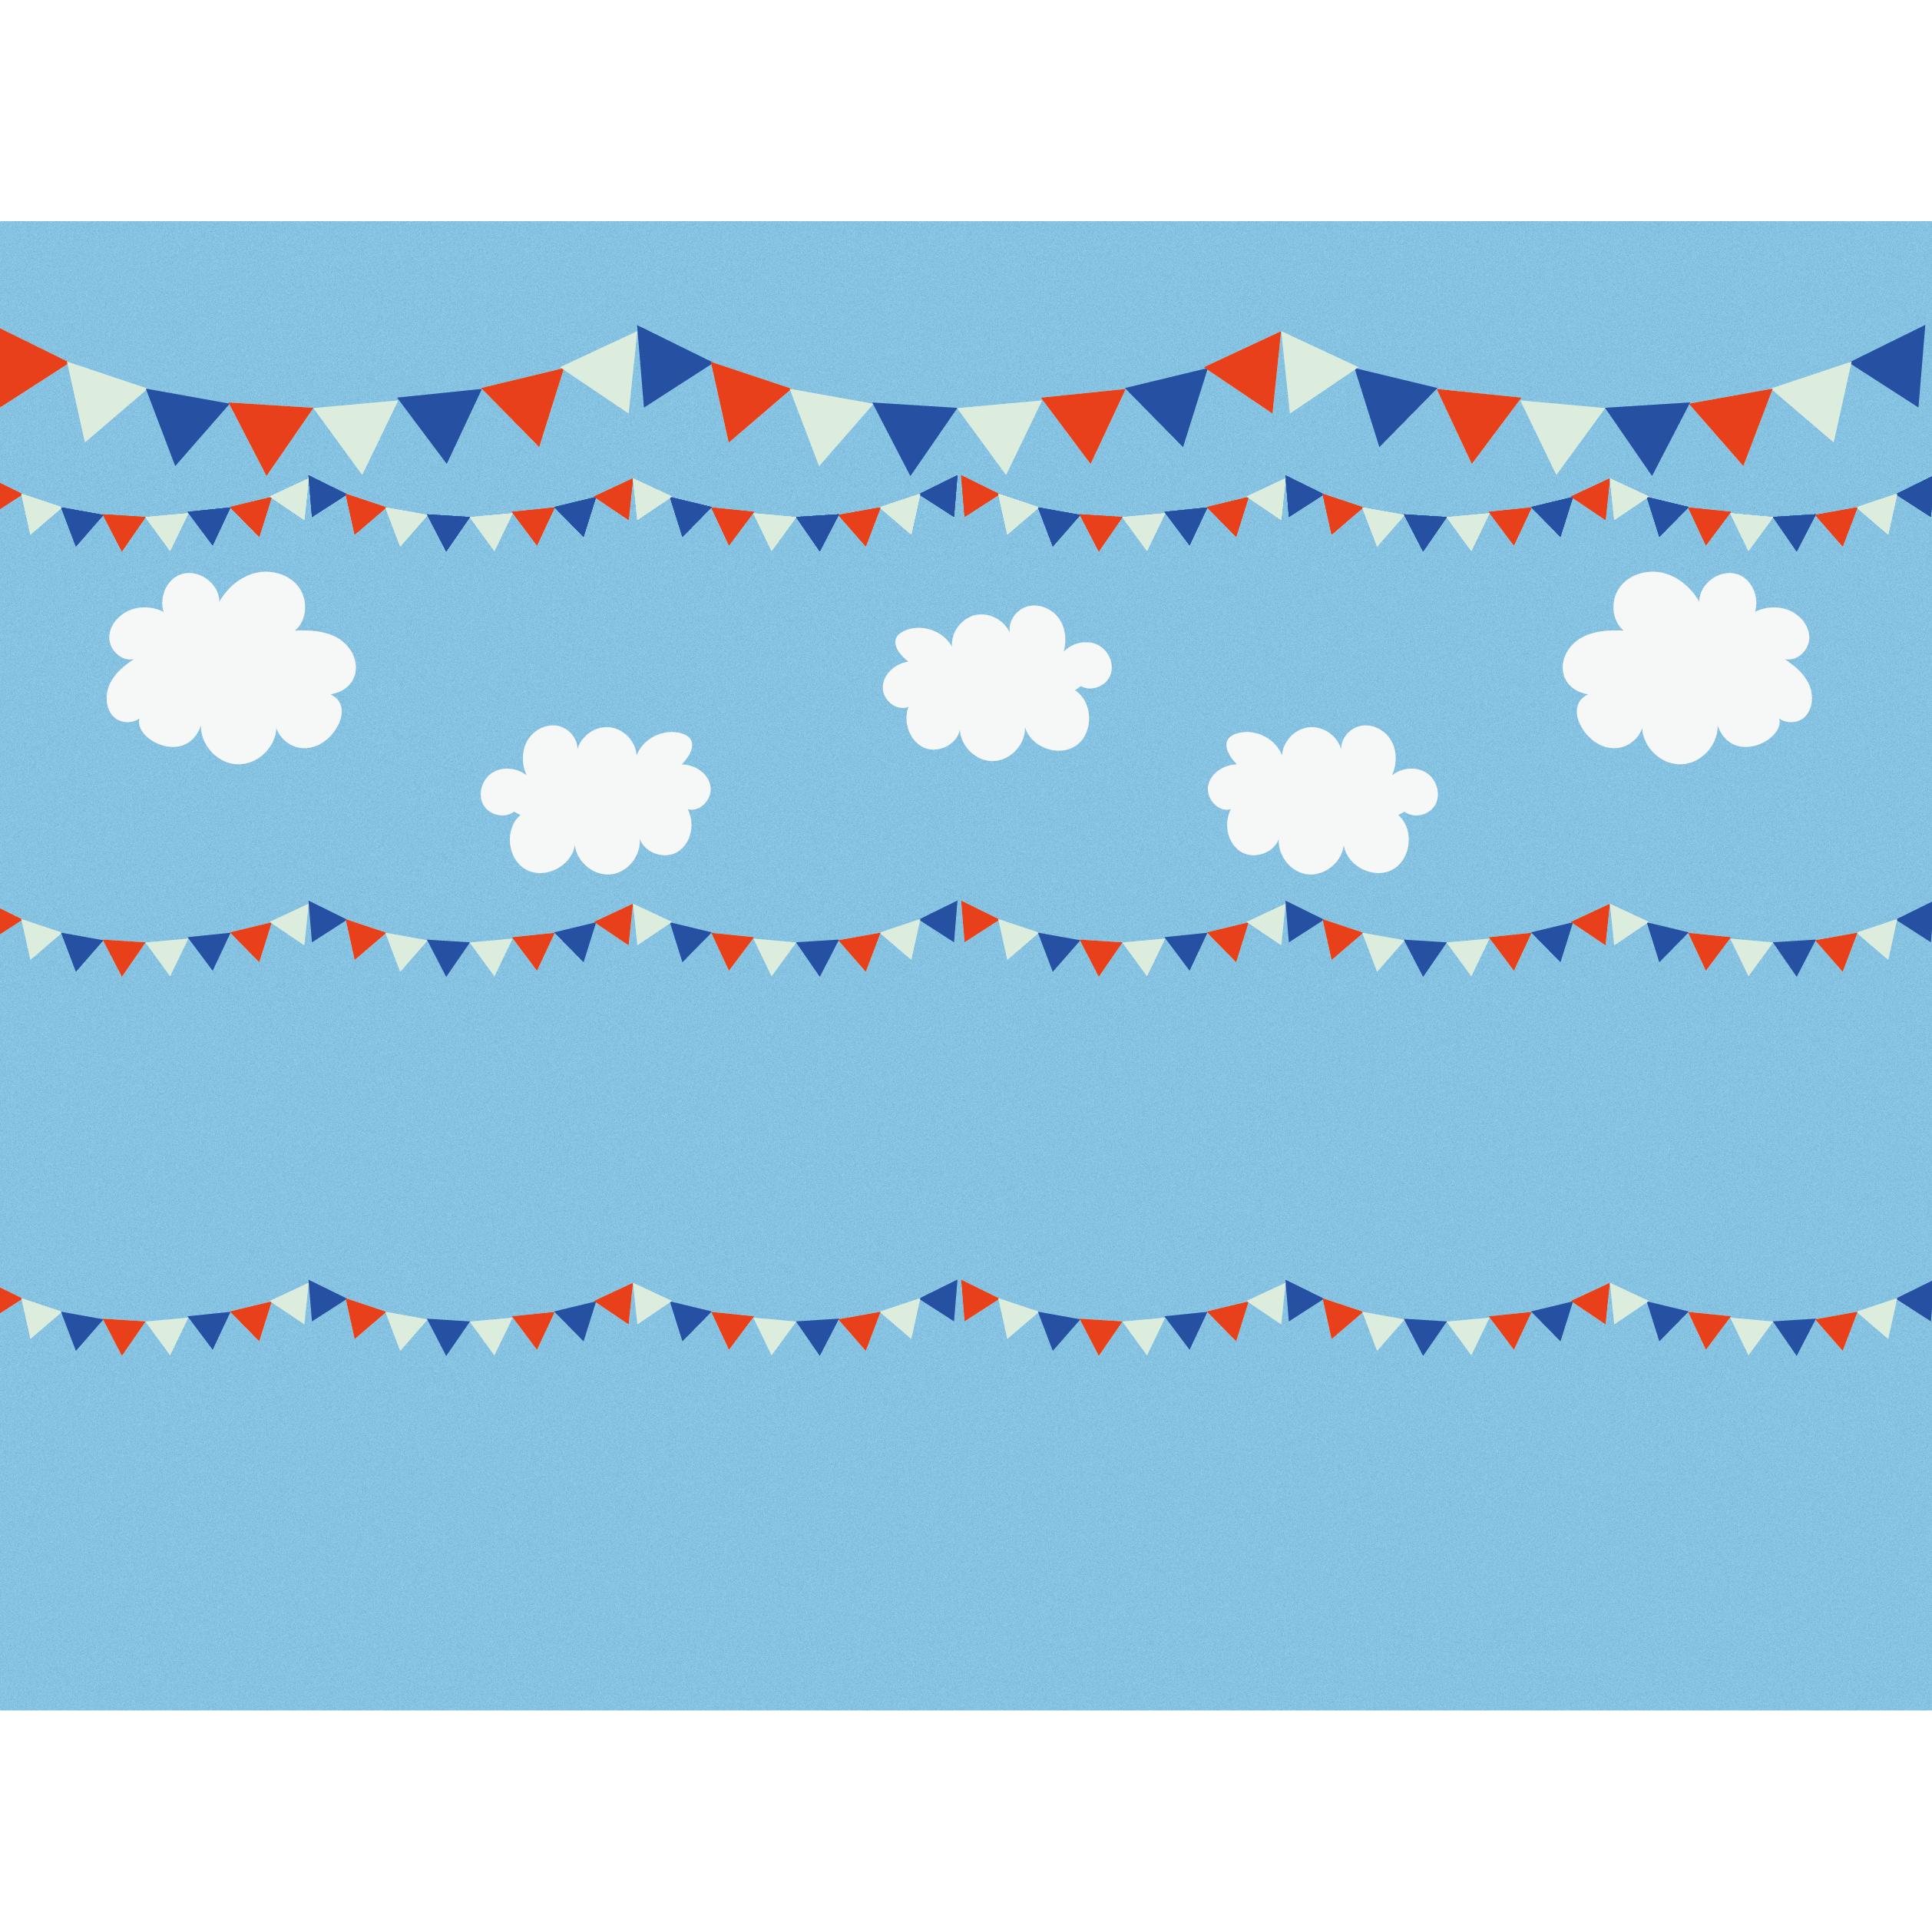 青い空とフラッグ(ガーランド)のイラスト【デザイン素材・背景